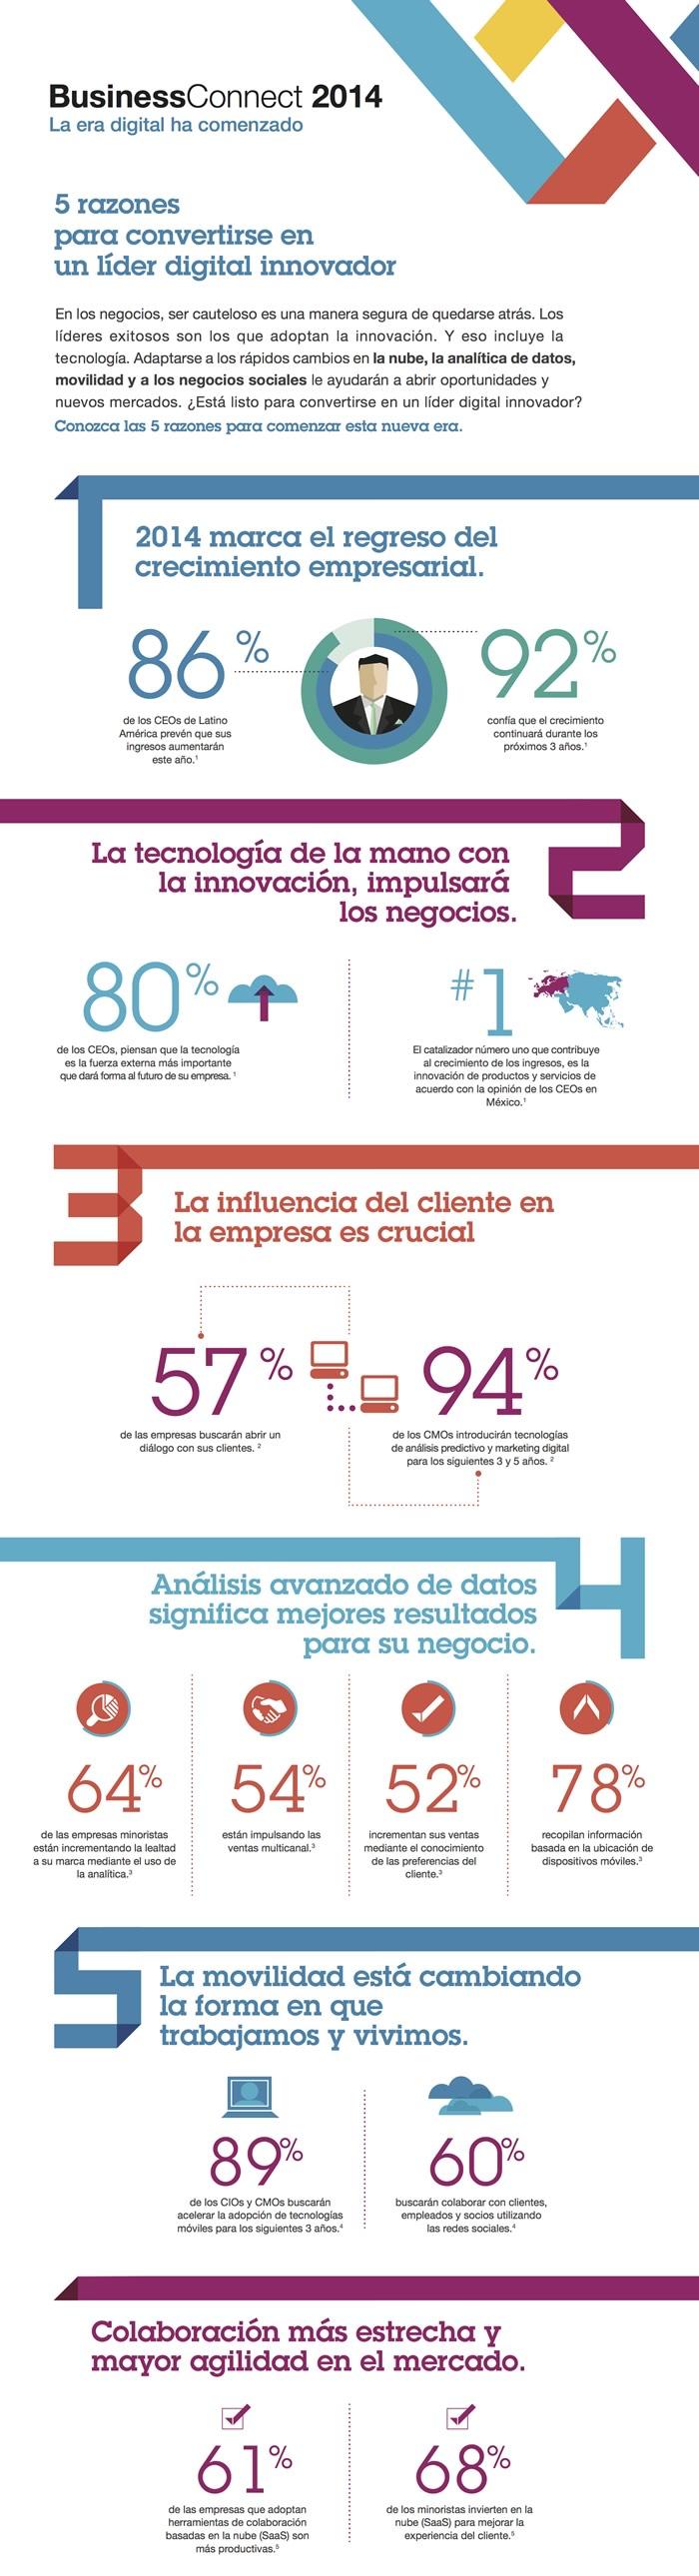 negocios-crecimiento-evolucion-ibm